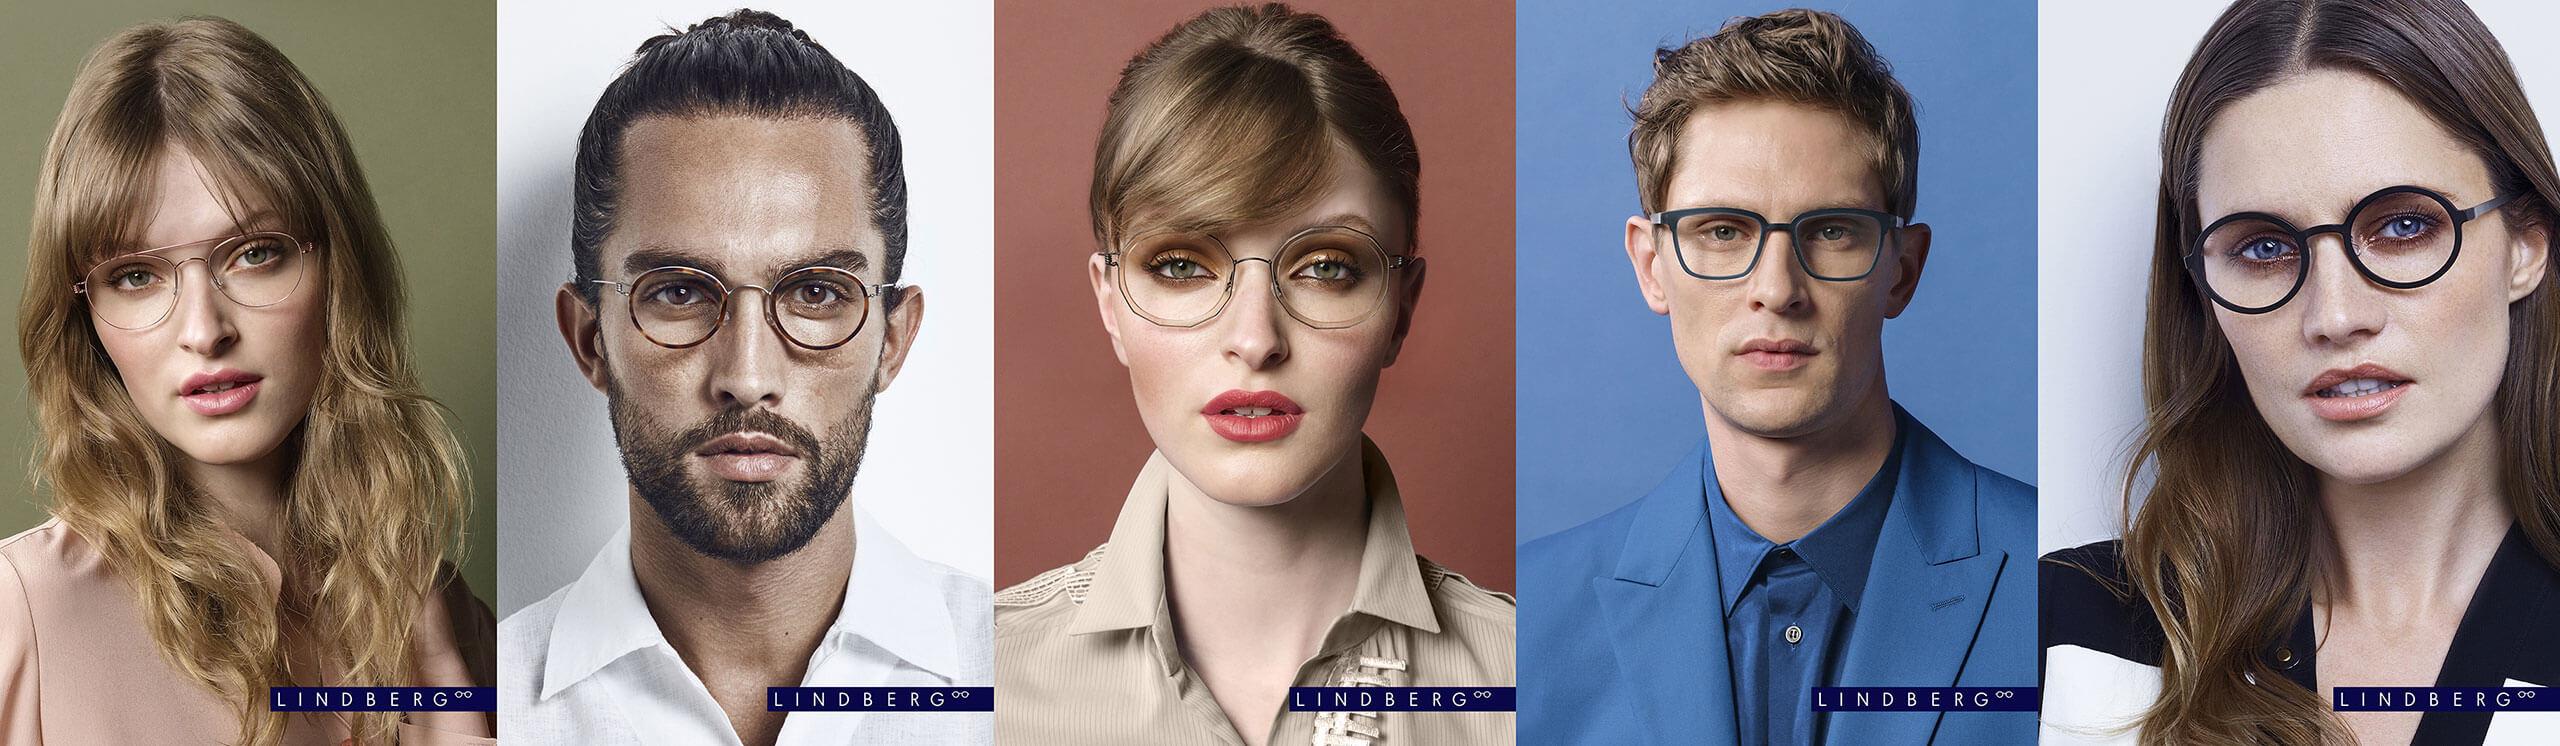 Gamme de lunettes de vues hommes / femmes Lindberg